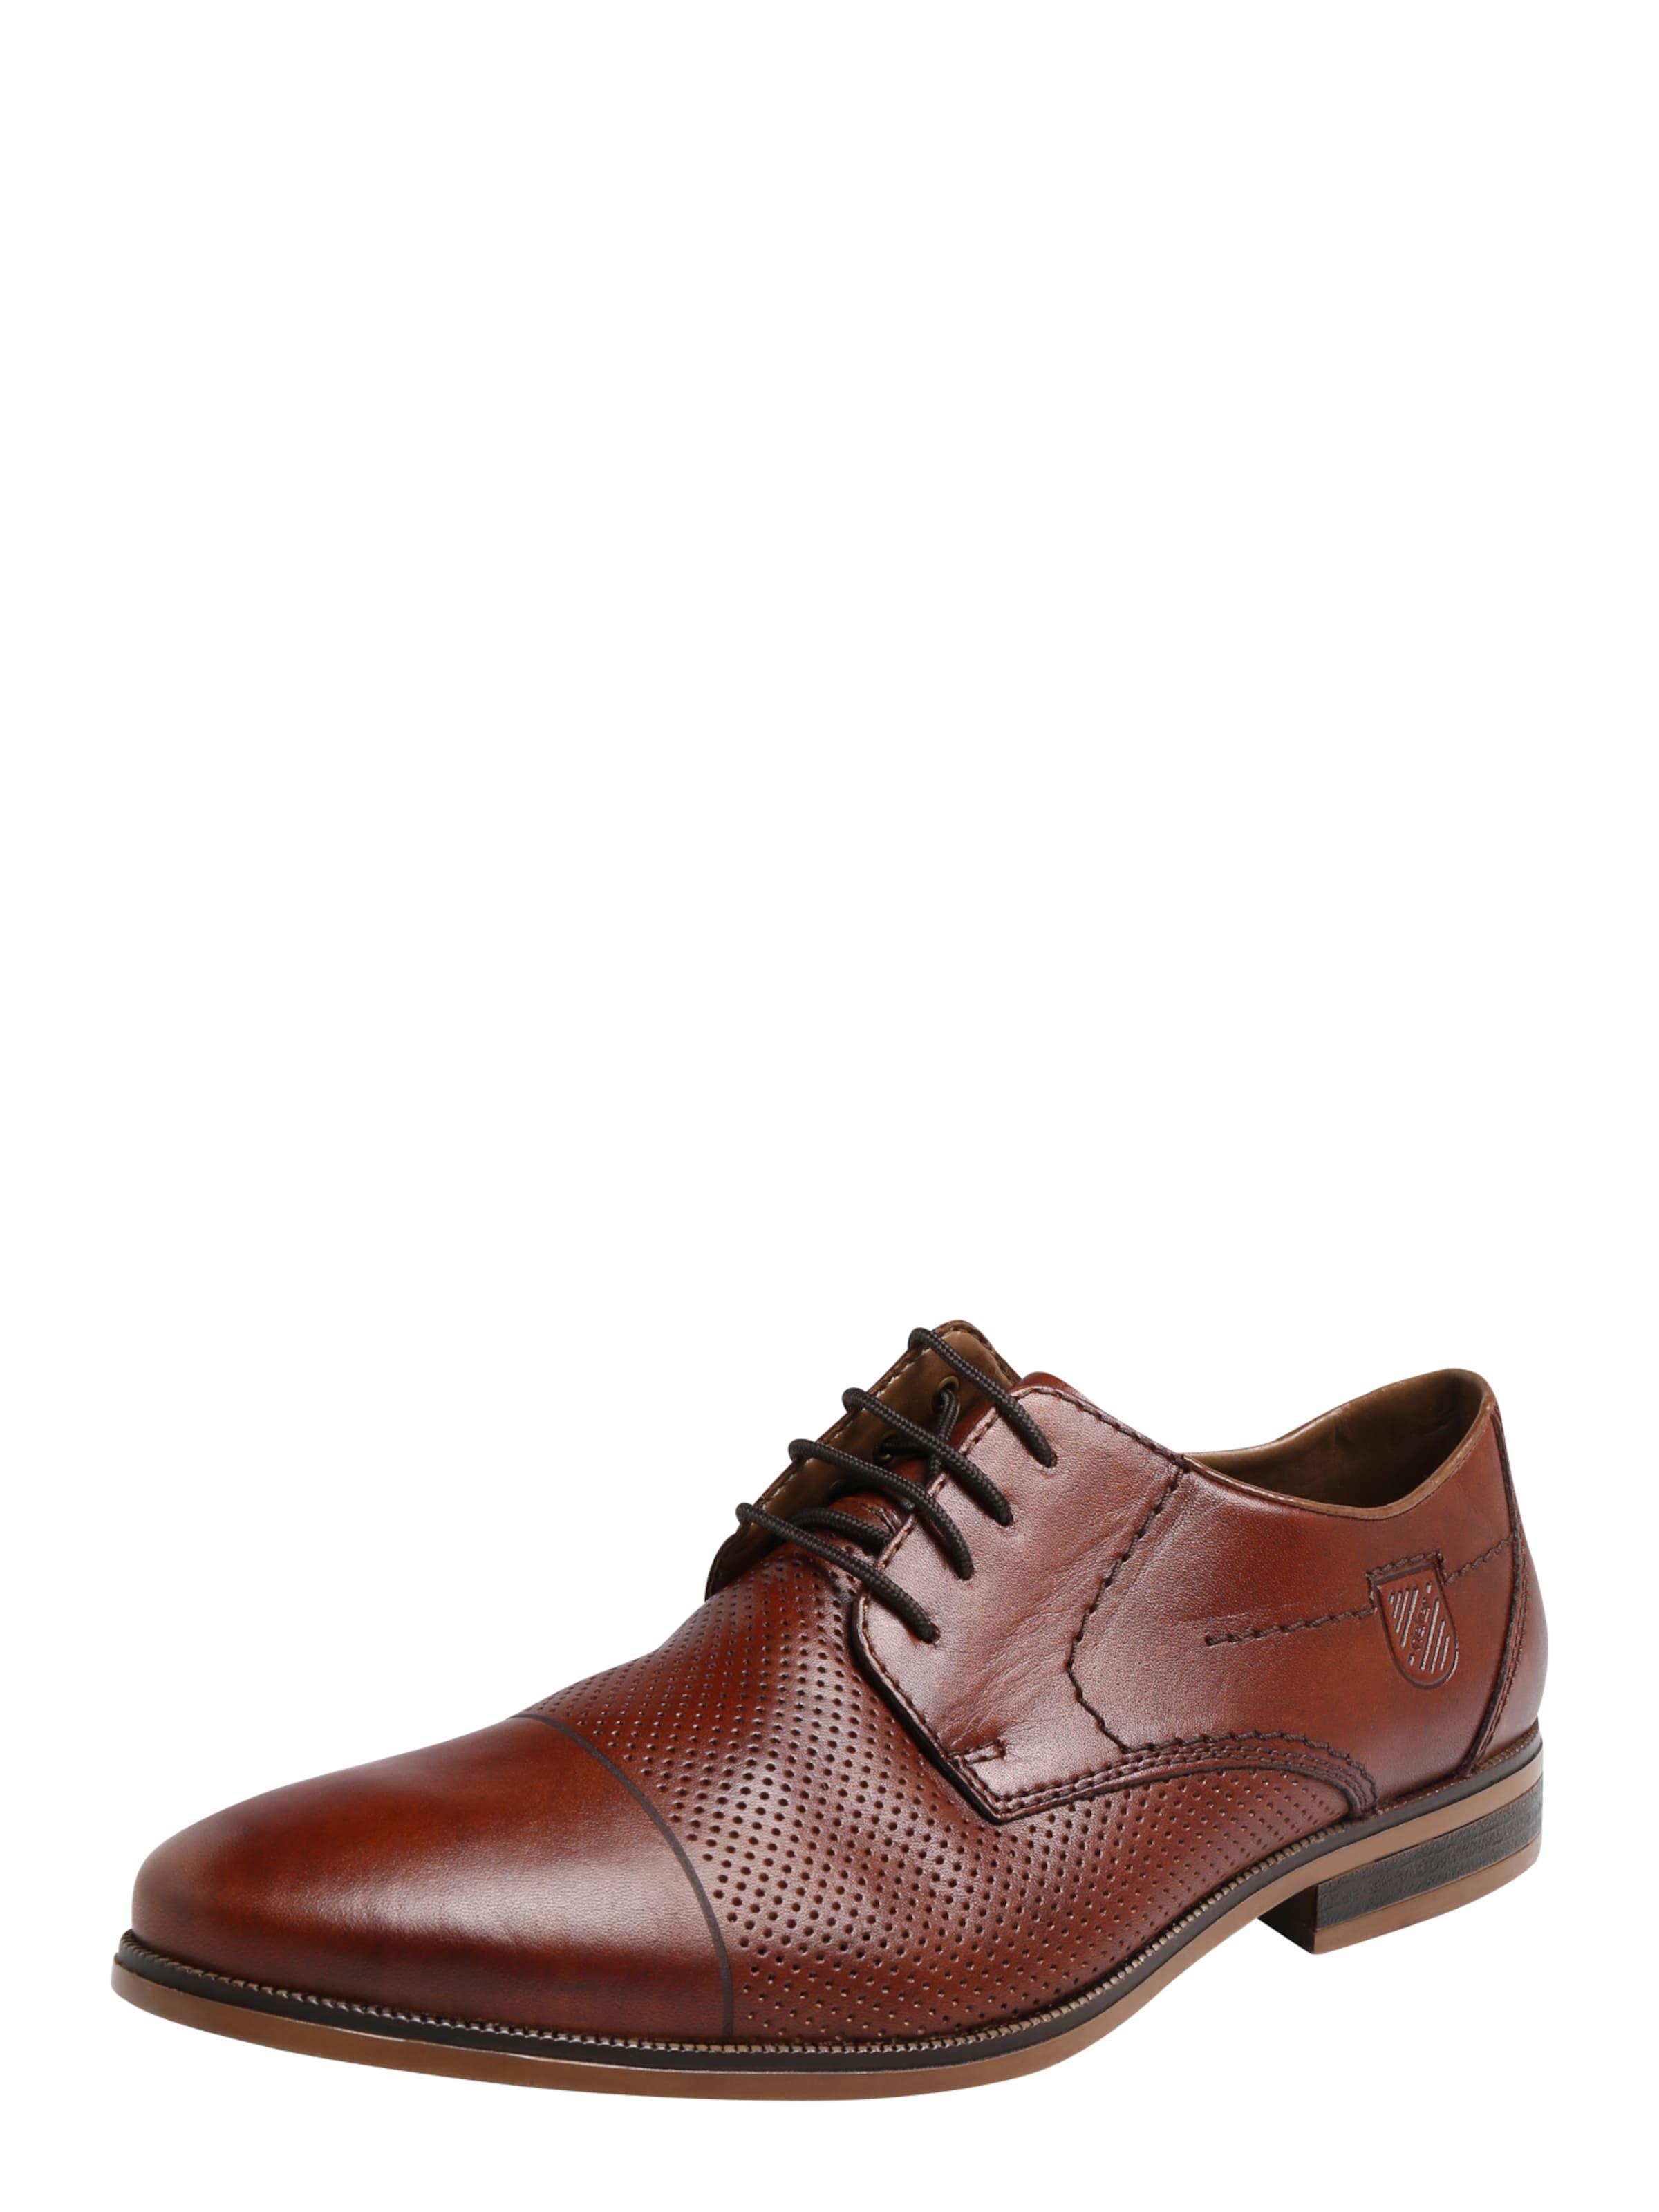 RIEKER Schnürer Verschleißfeste billige Schuhe Hohe Qualität